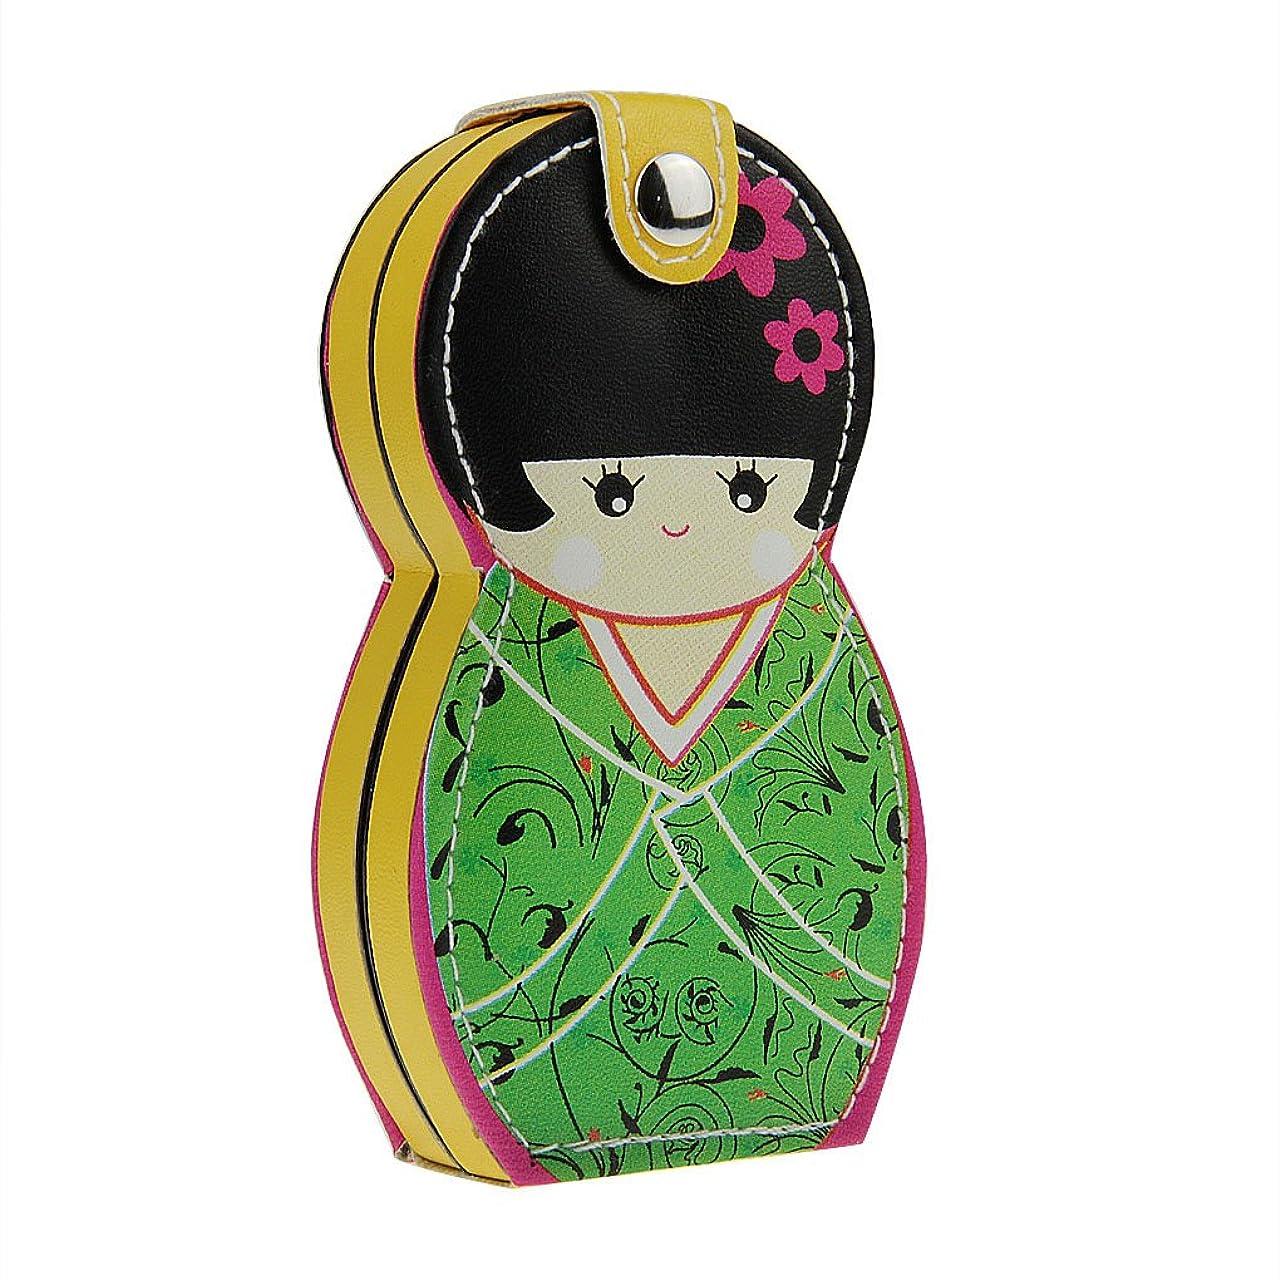 うん部振る舞う爪切り ニッパー 爪切りセット ステンレス製 かわいい 日本人形 着物こけし 足用ニッパー 多機能はさみ ネイルケア 収納ケース付き 握りやすい 飛びにくい ギフト向け 携帯便利 旅行用 家庭用 贈り物 ガールズ レディース 6点セット